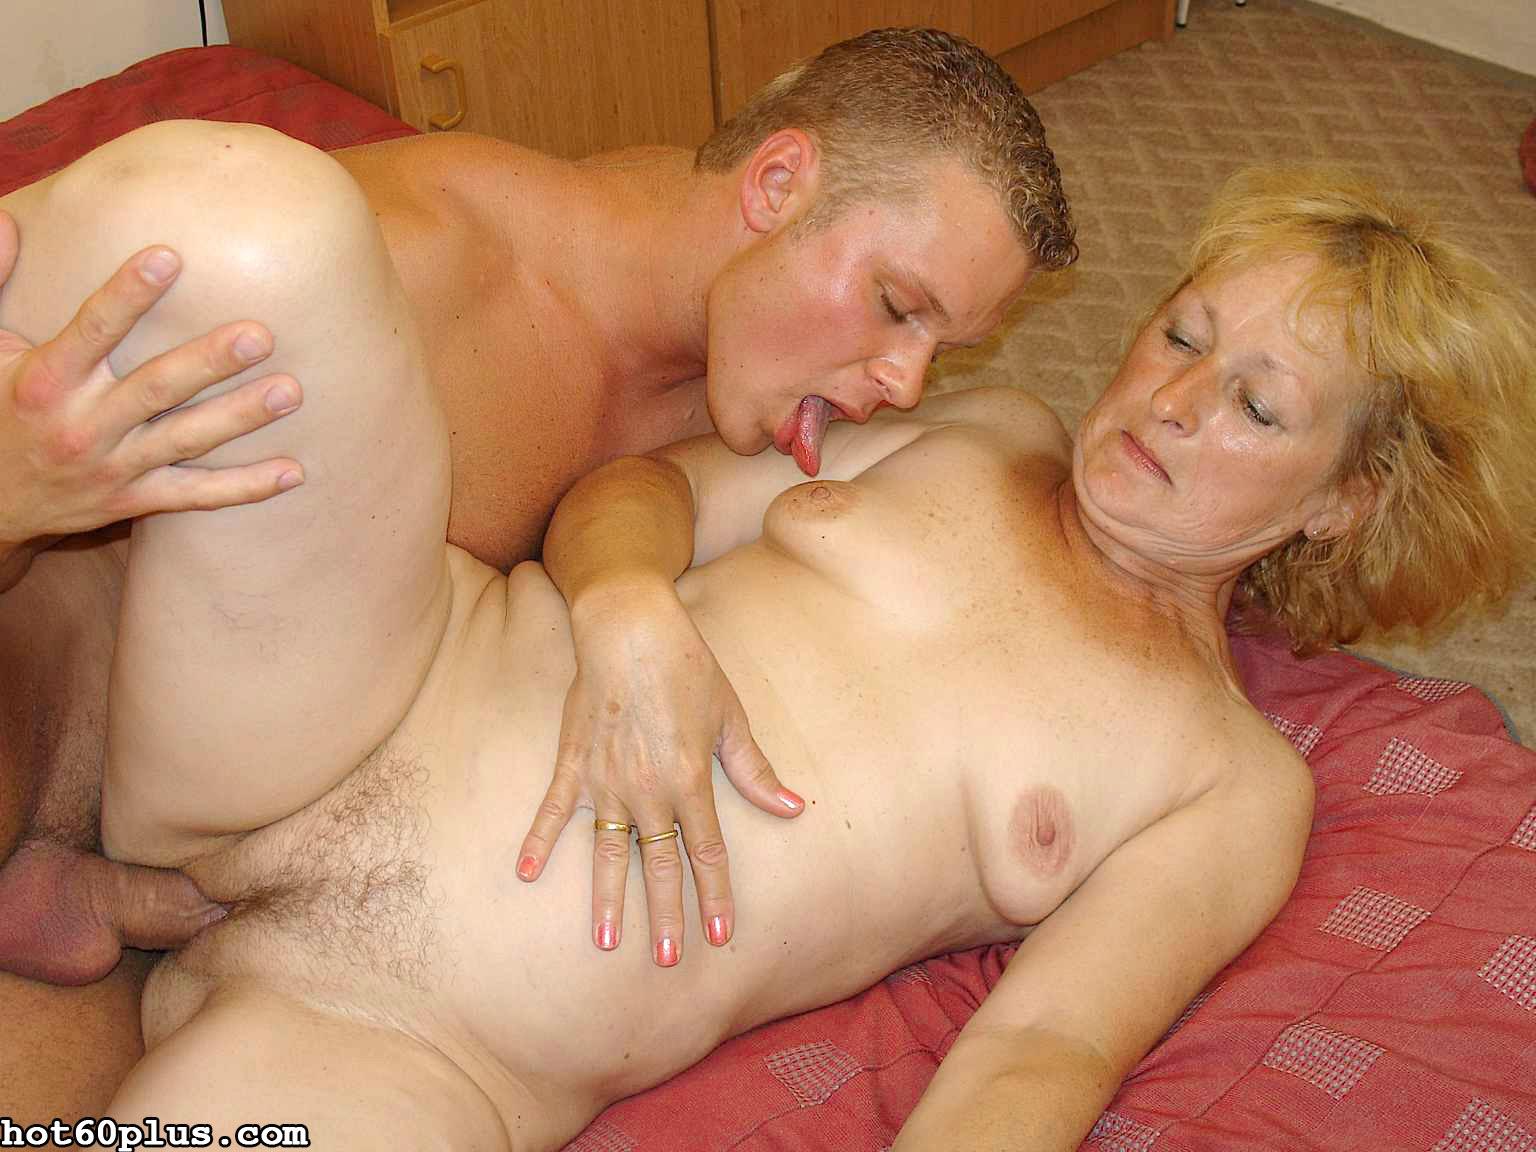 Снимки про инцест с матушкой. Фото - 7